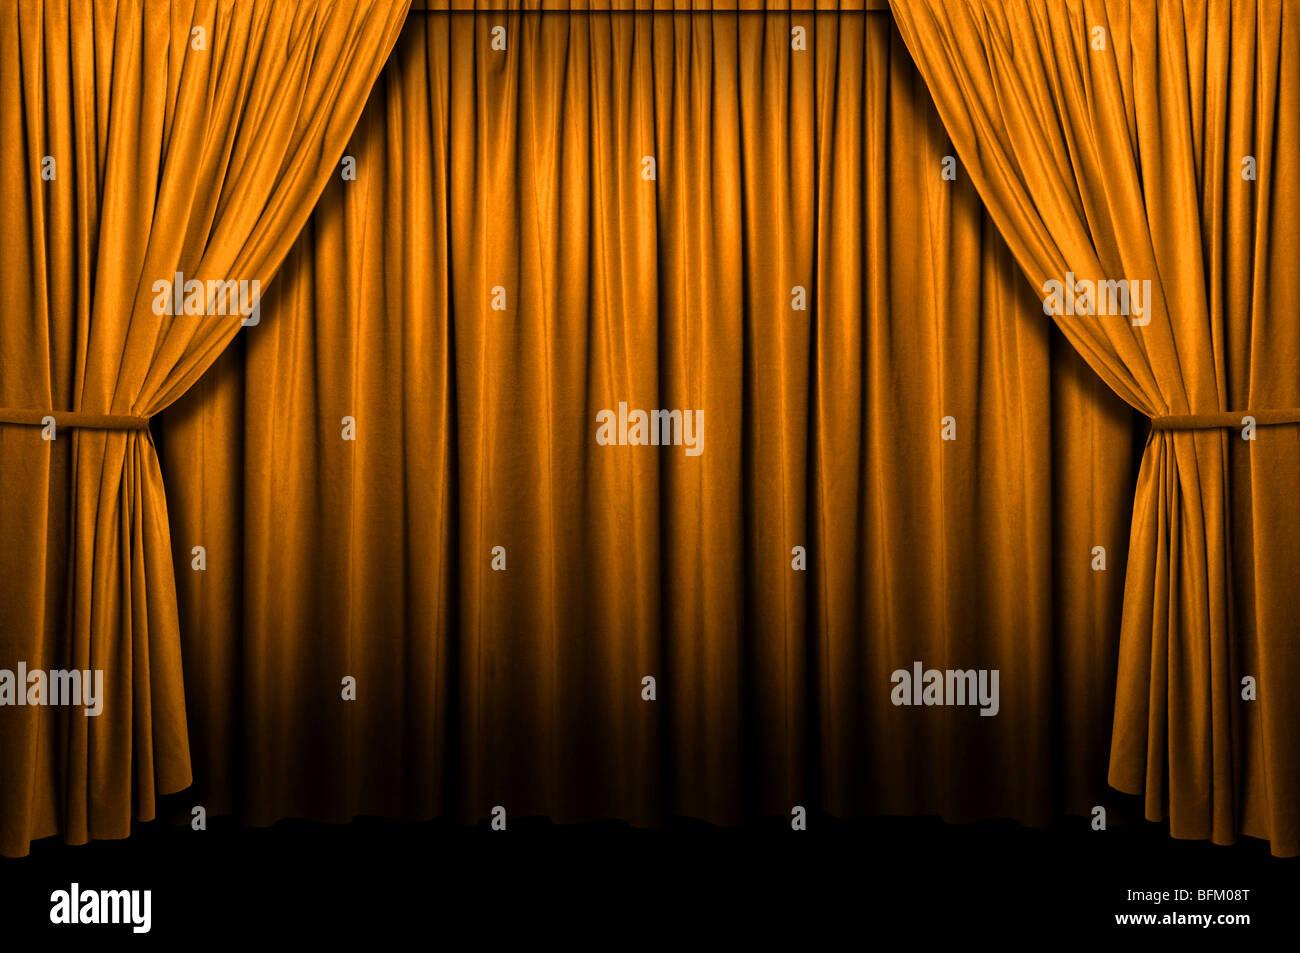 Rideau de scène de l'or avec la lumière et les ombres Photo Stock